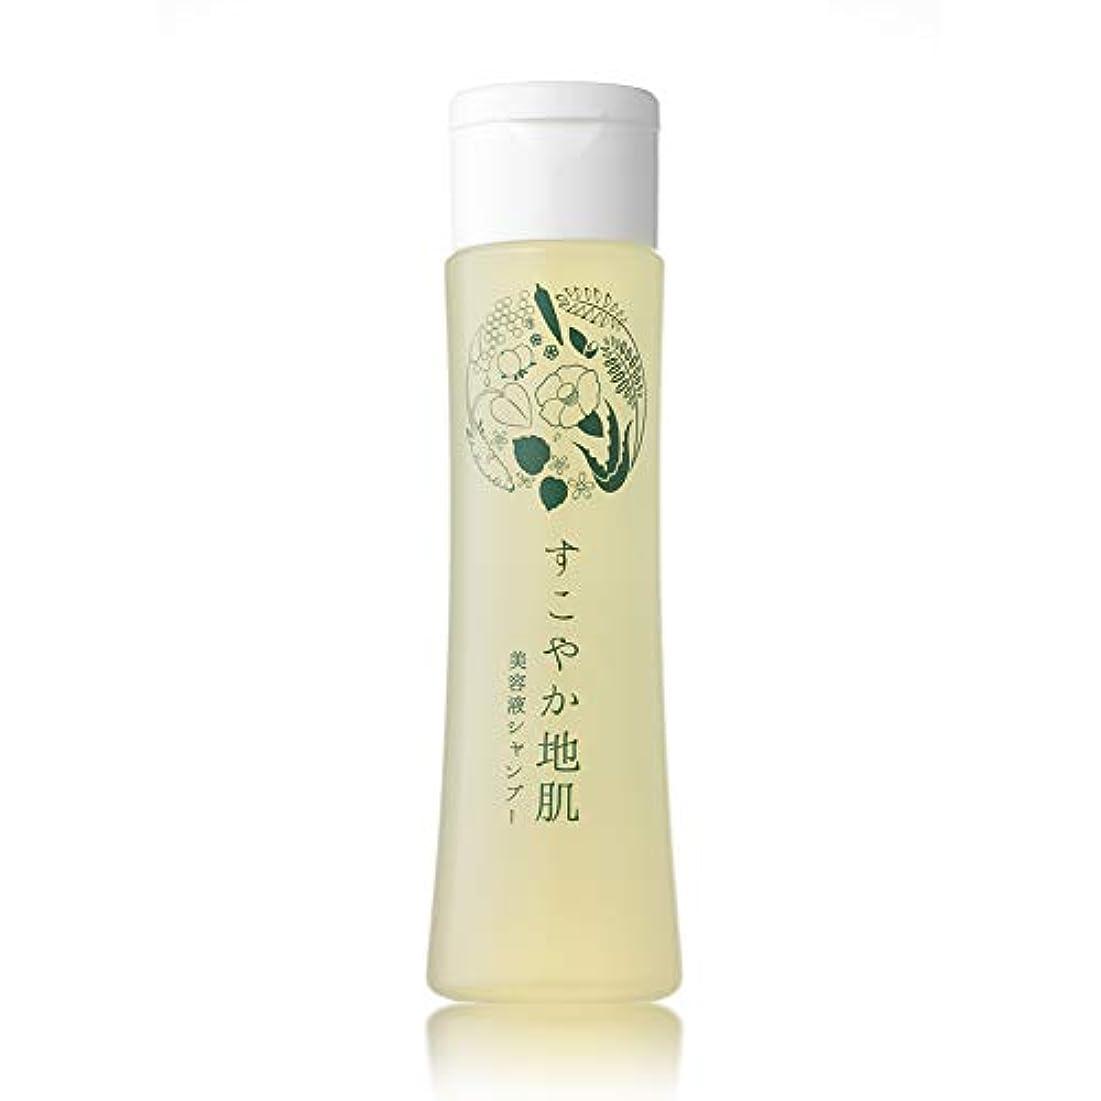 神ベアリングサークルお風呂すこやか地肌 美容液シャンプー 1本 ふけ フケ かゆみ 乾燥 薄毛 女性 (1)